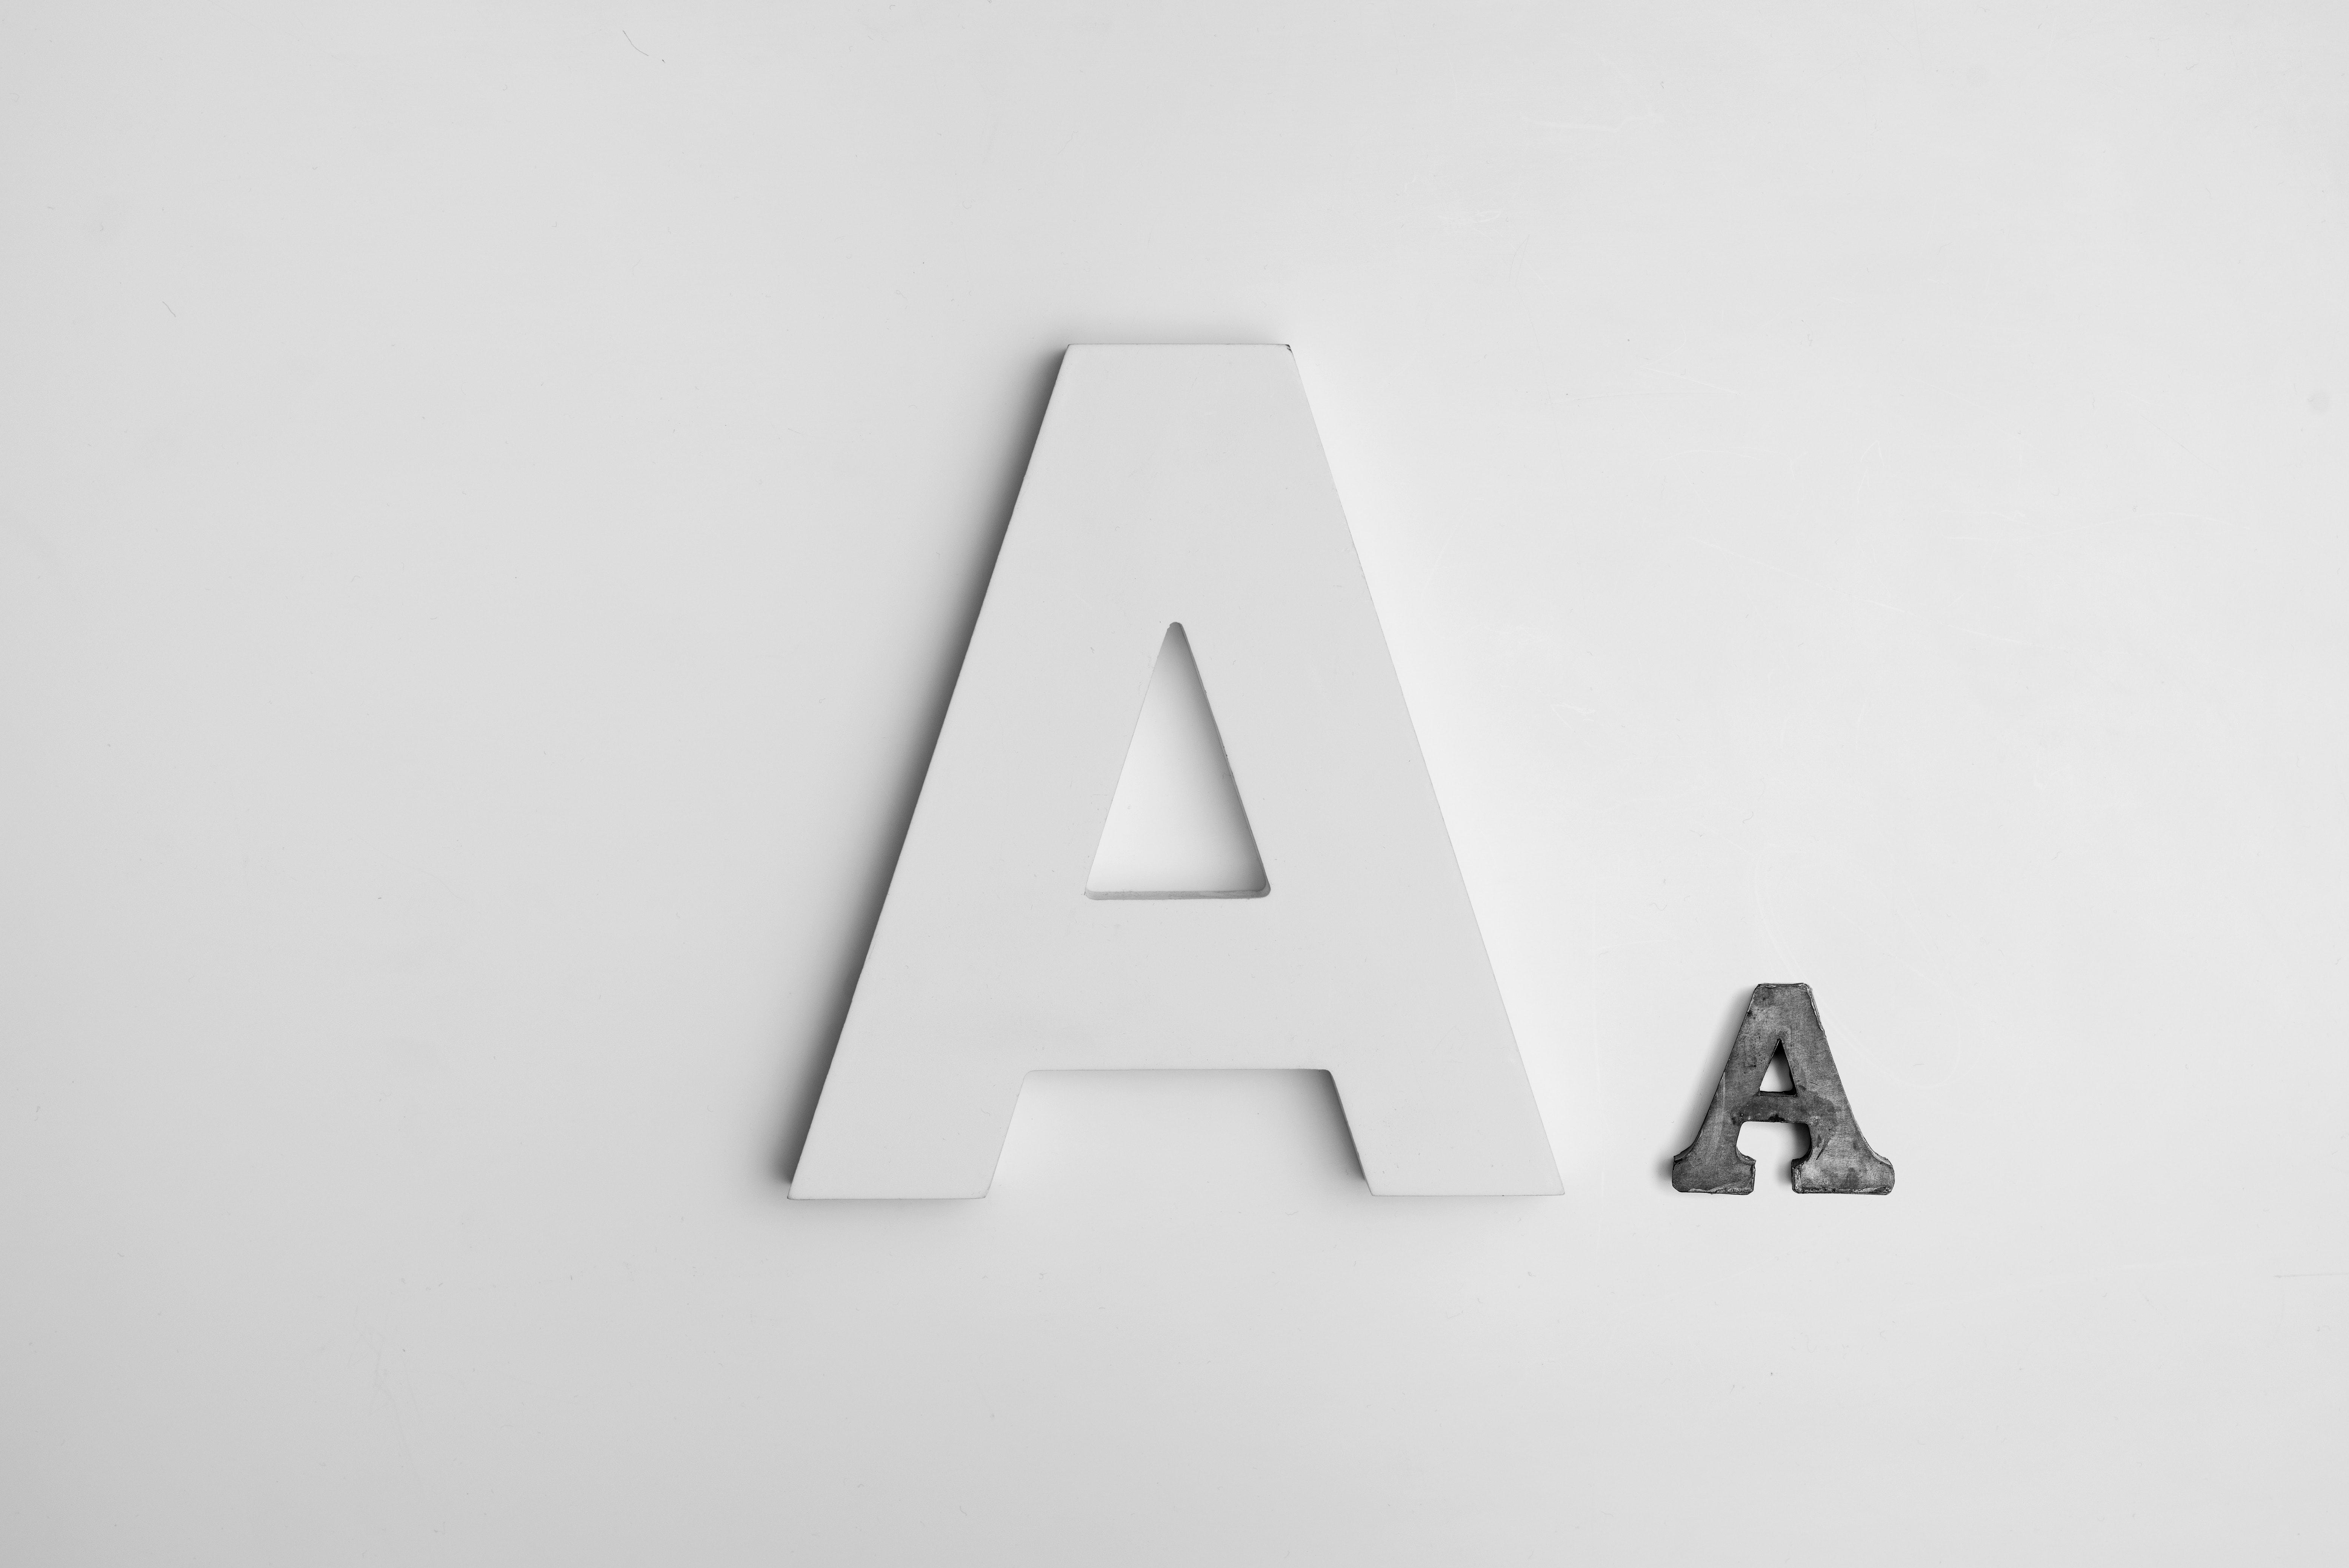 Cómo seleccionar tipografías para una infografía